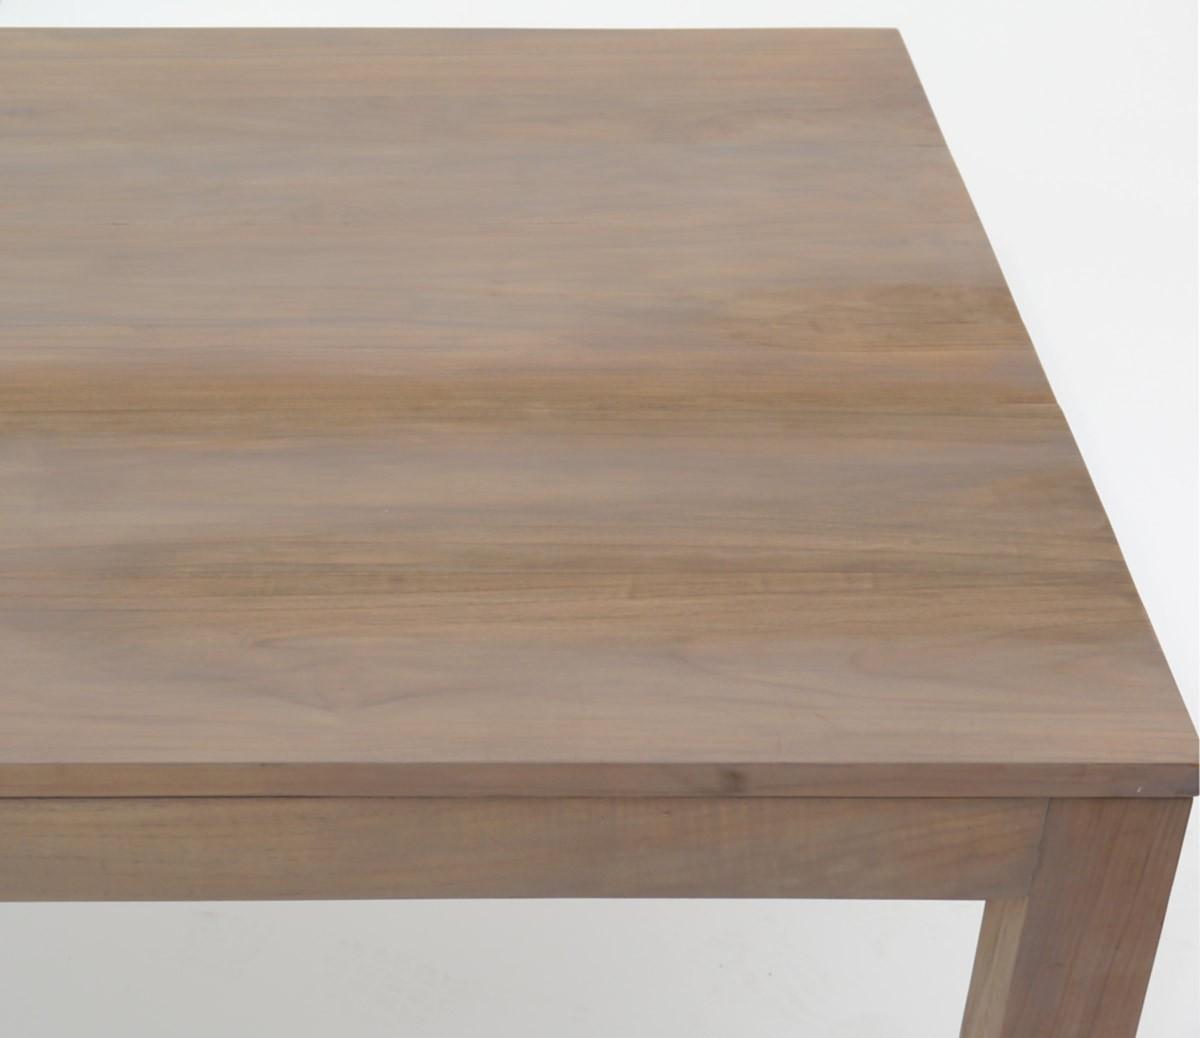 esstisch tisch esszimmertisch f r 8 personen teakholz. Black Bedroom Furniture Sets. Home Design Ideas